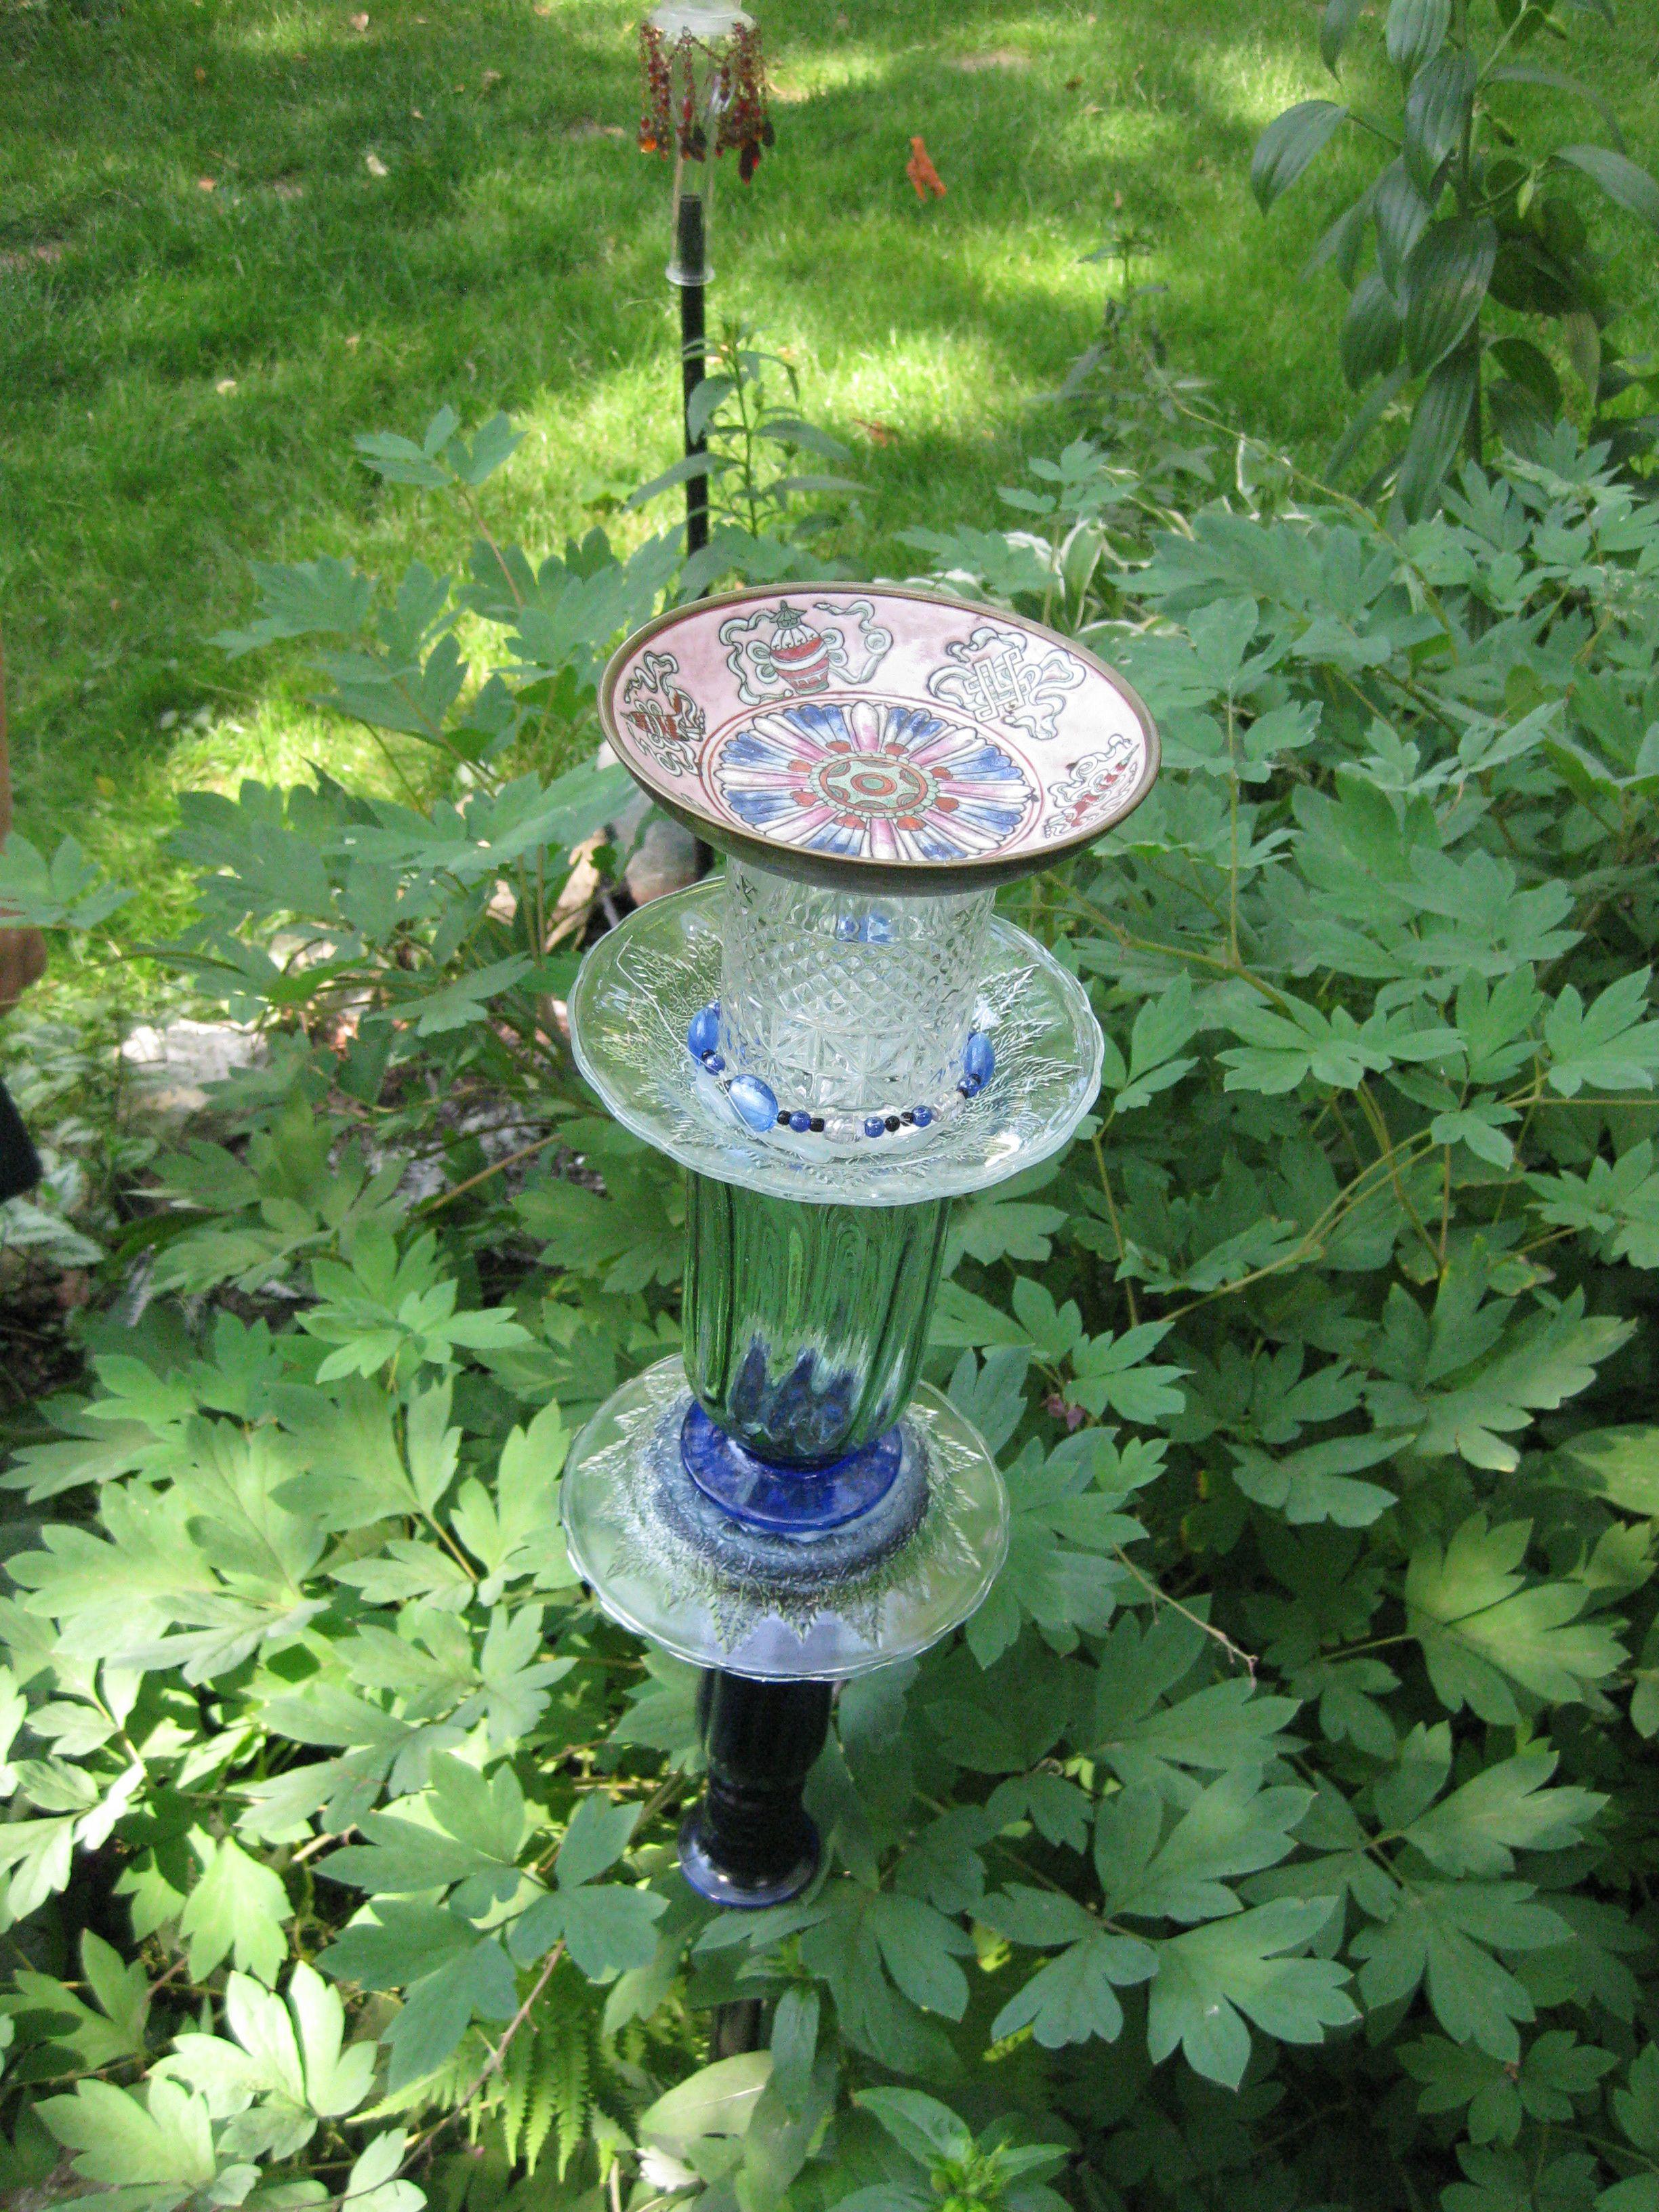 It was fun to make these garden decorations | Garden crafts ...